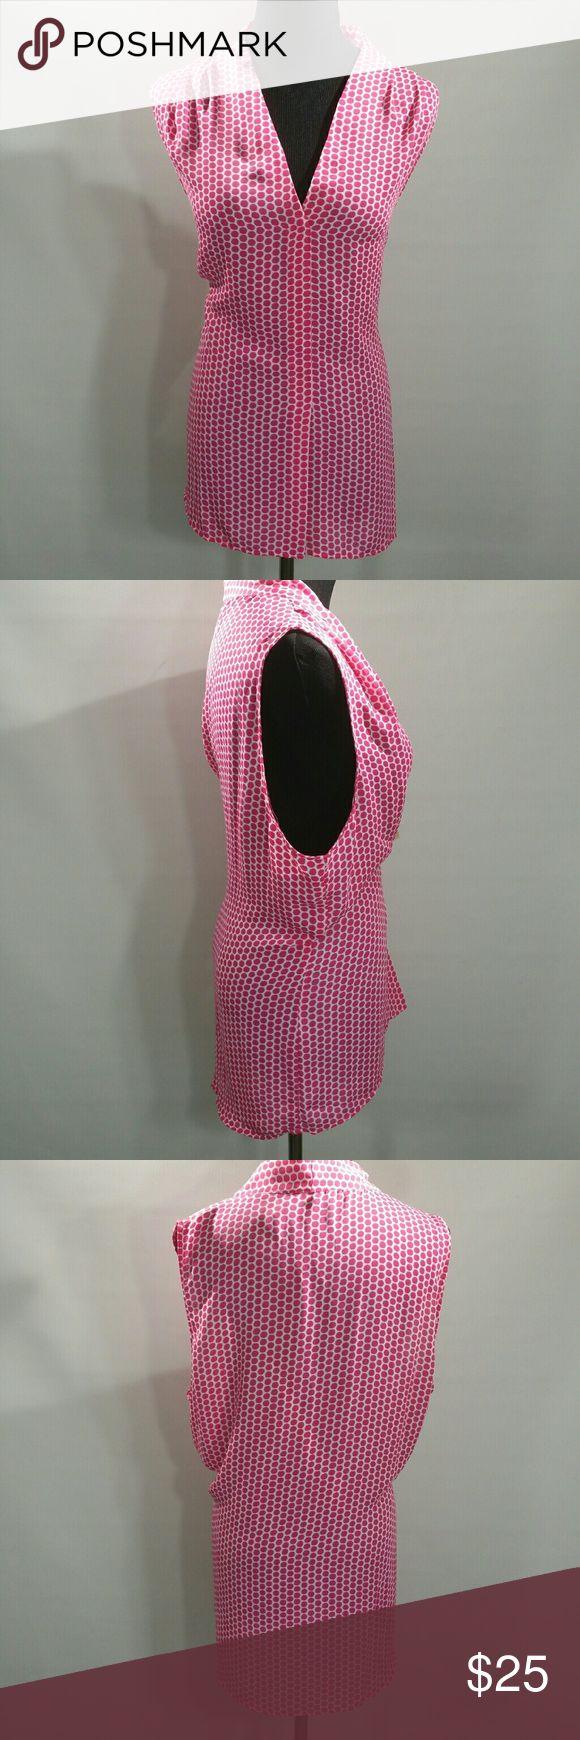 """LAUNDRY BY SHELLI SEGAL PINK & WHITE BLOUSE Sz XL Length 30""""  Length 27""""  Armpit to Armpit 22""""  100% Polyester  Machine Wash Laundry by Shelli Segal Tops Blouses"""